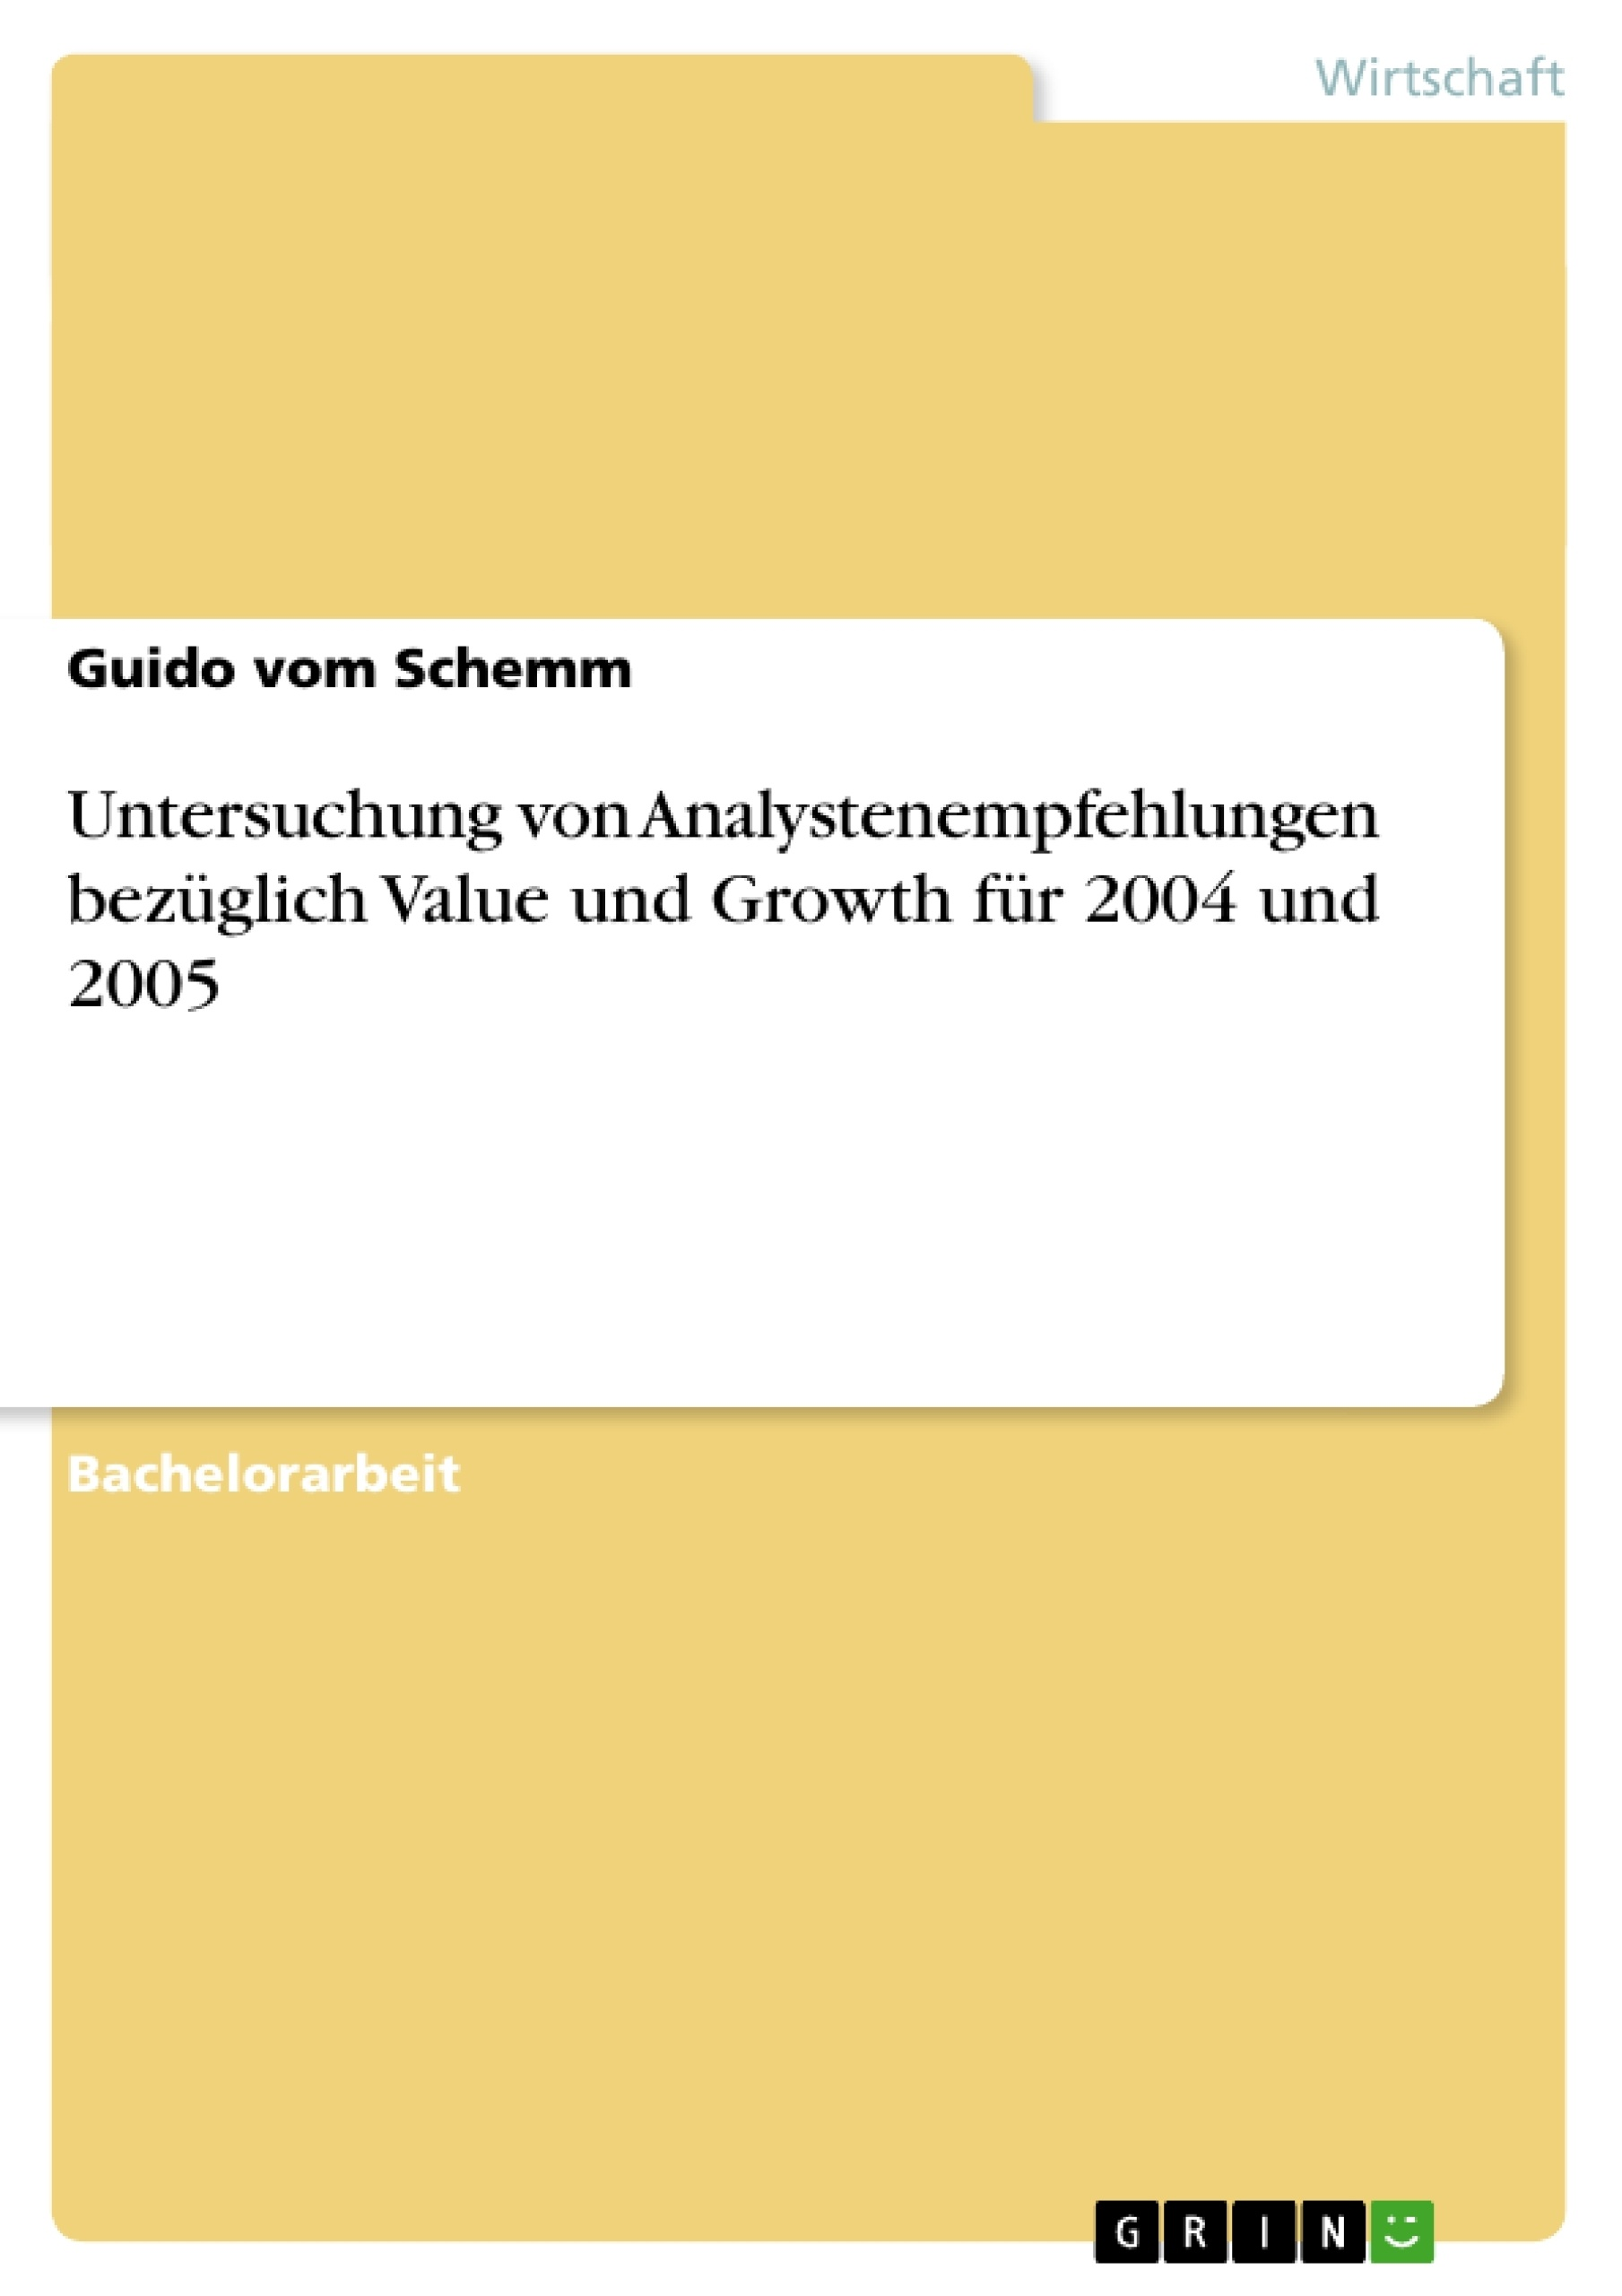 Titel: Untersuchung von Analystenempfehlungen bezüglich Value und Growth für 2004 und 2005